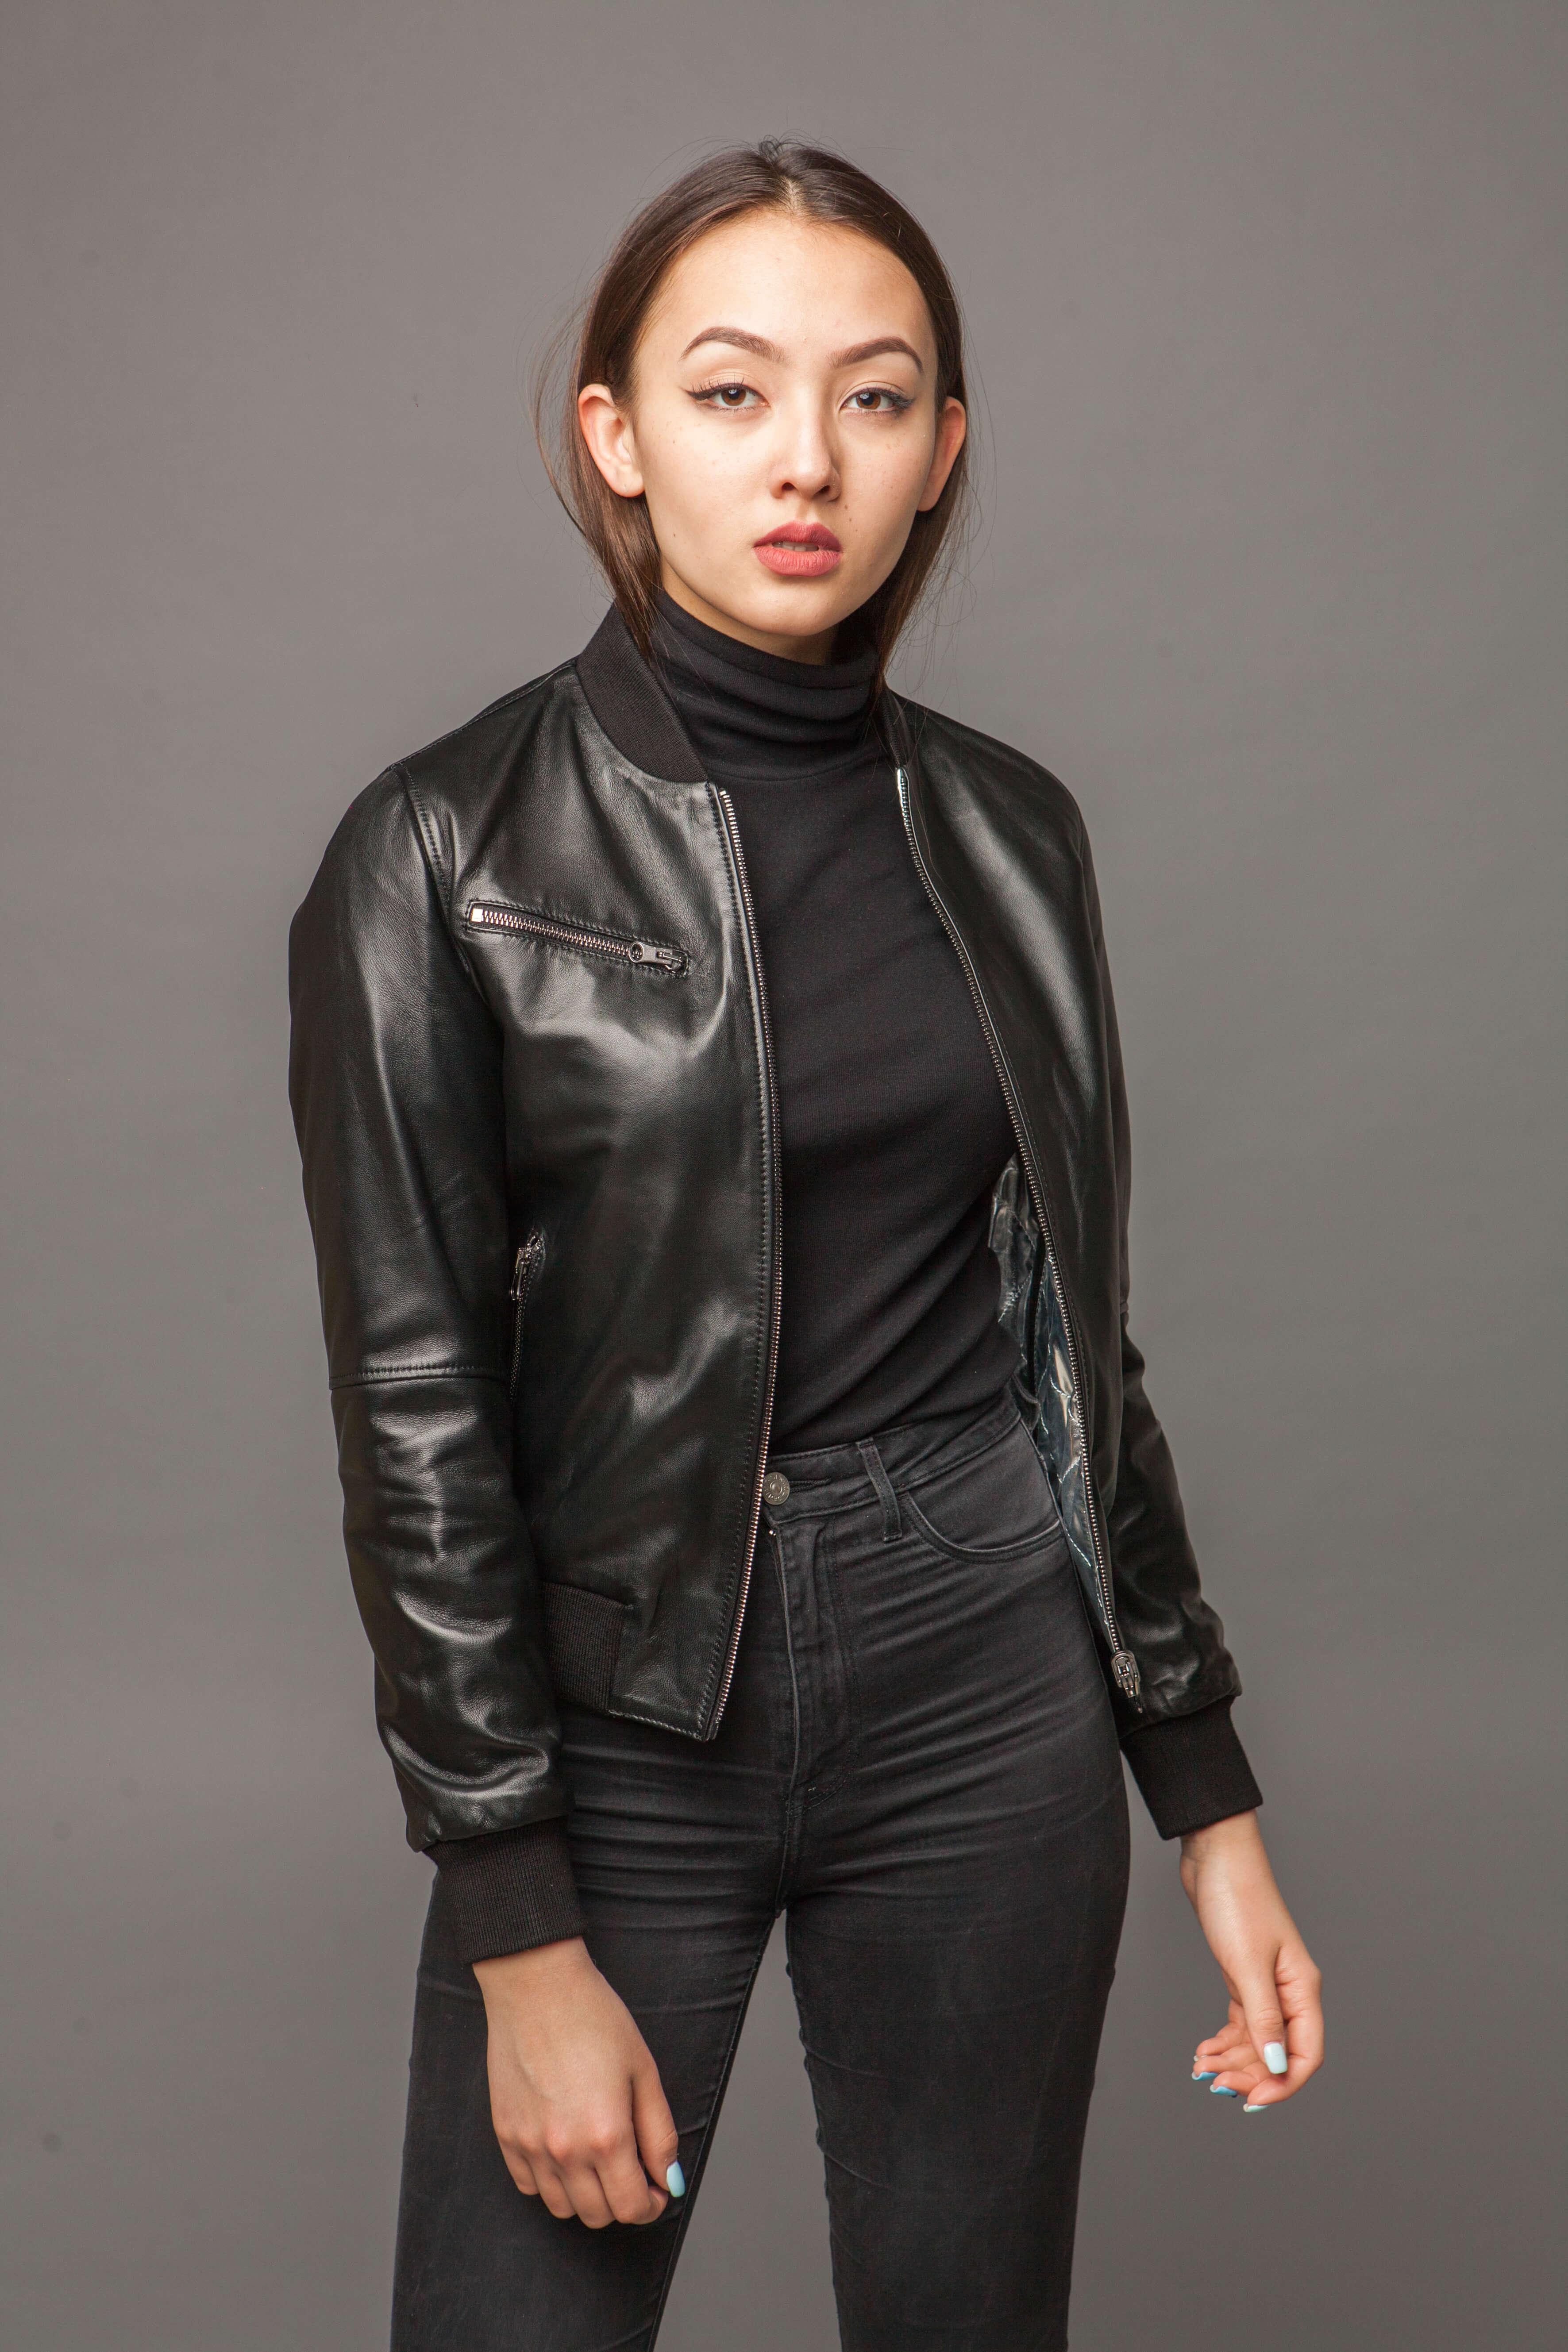 Модная двусторонняя куртка из натуральной кожи. Фото 2